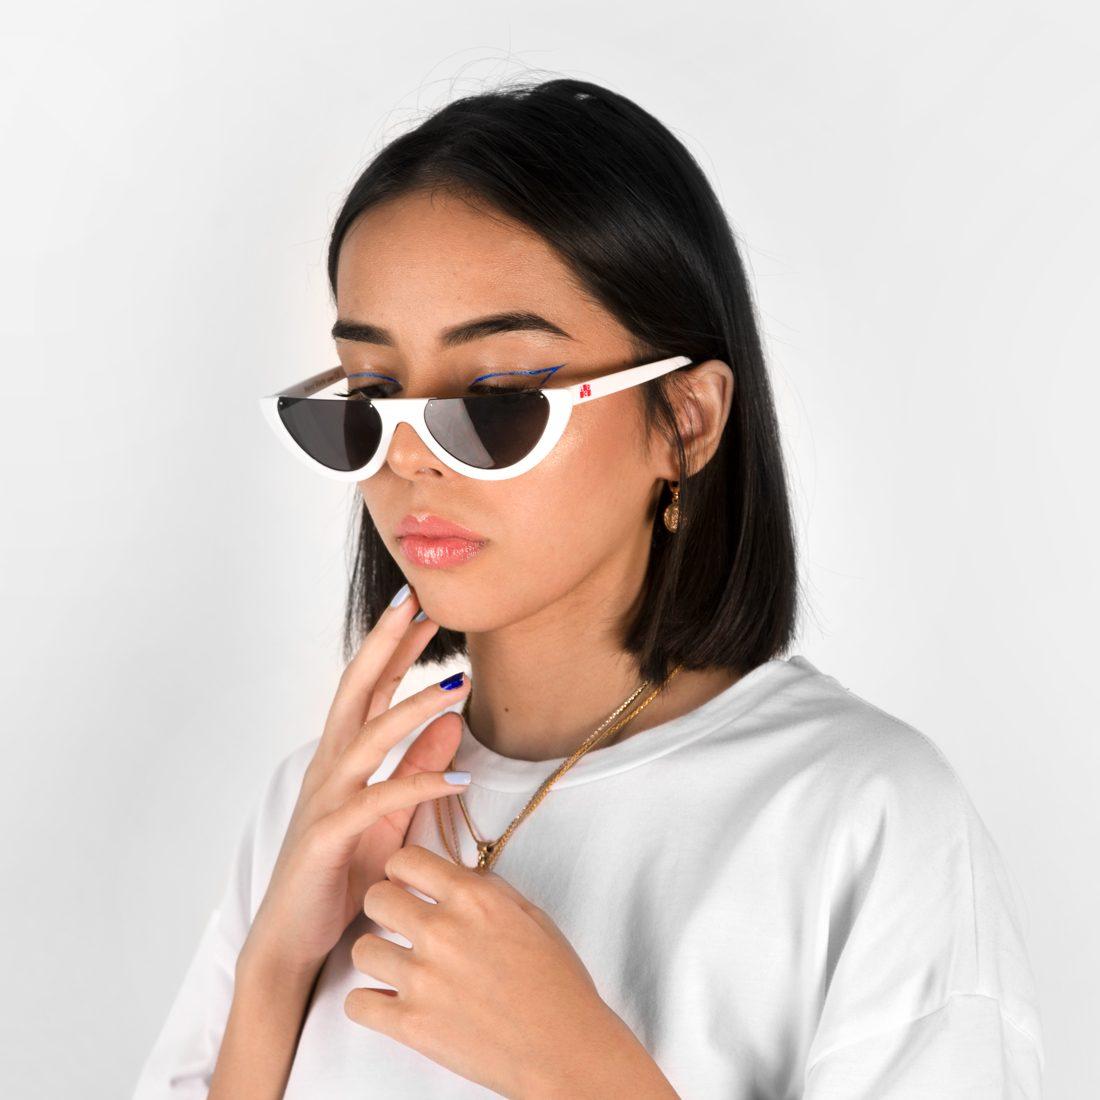 W_whiteglasses1